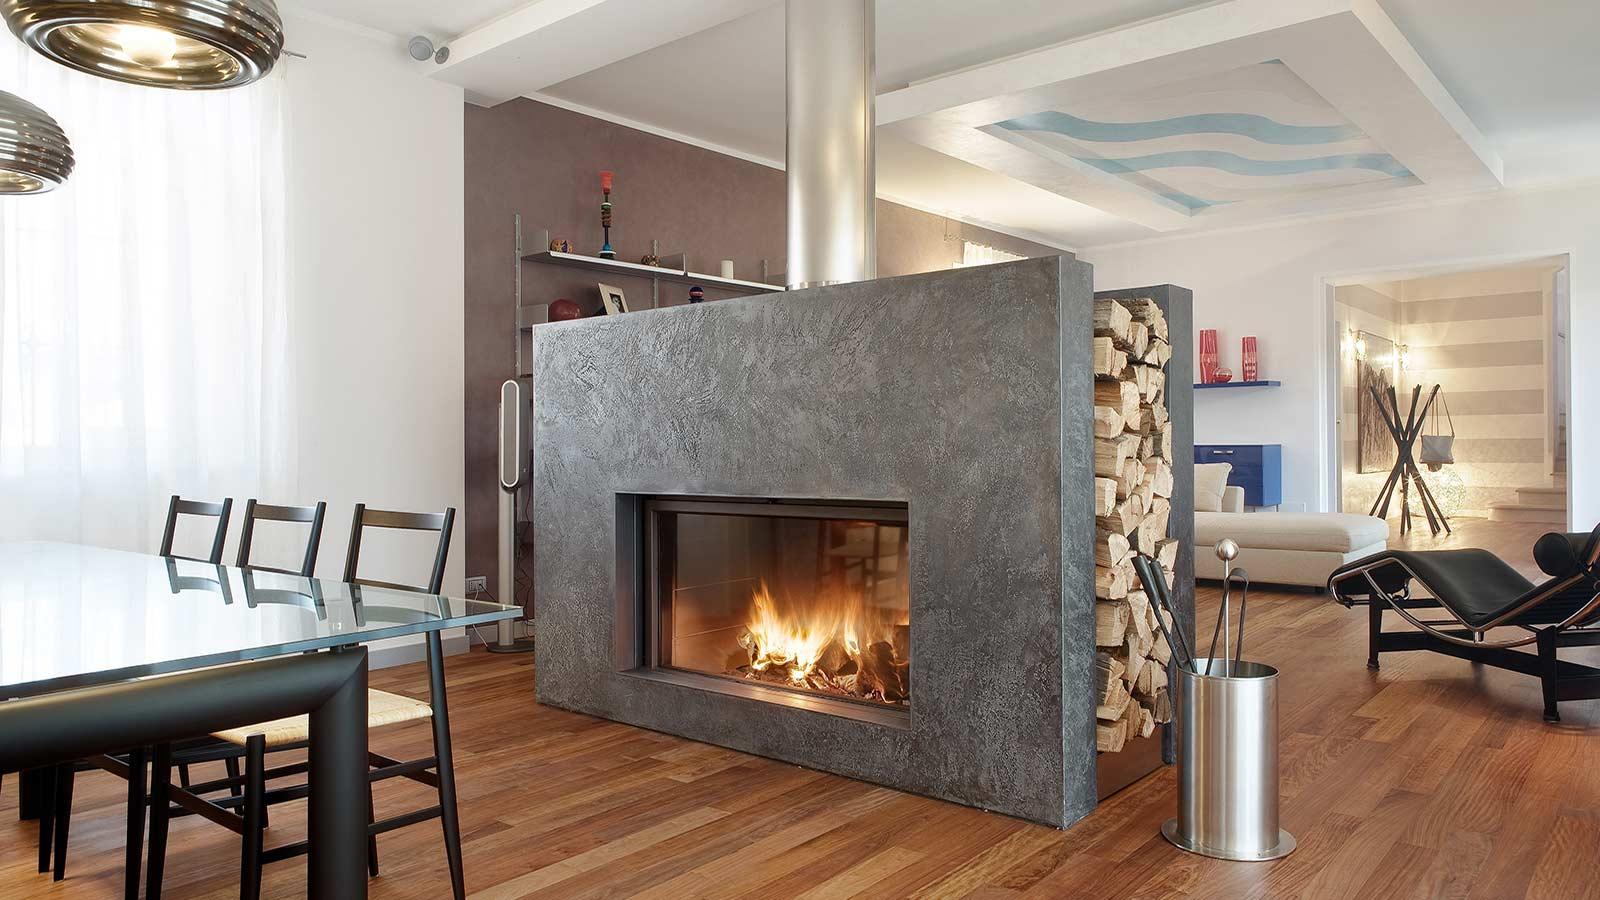 Toppino Home Design - Cucine e camini su progetto - Alba